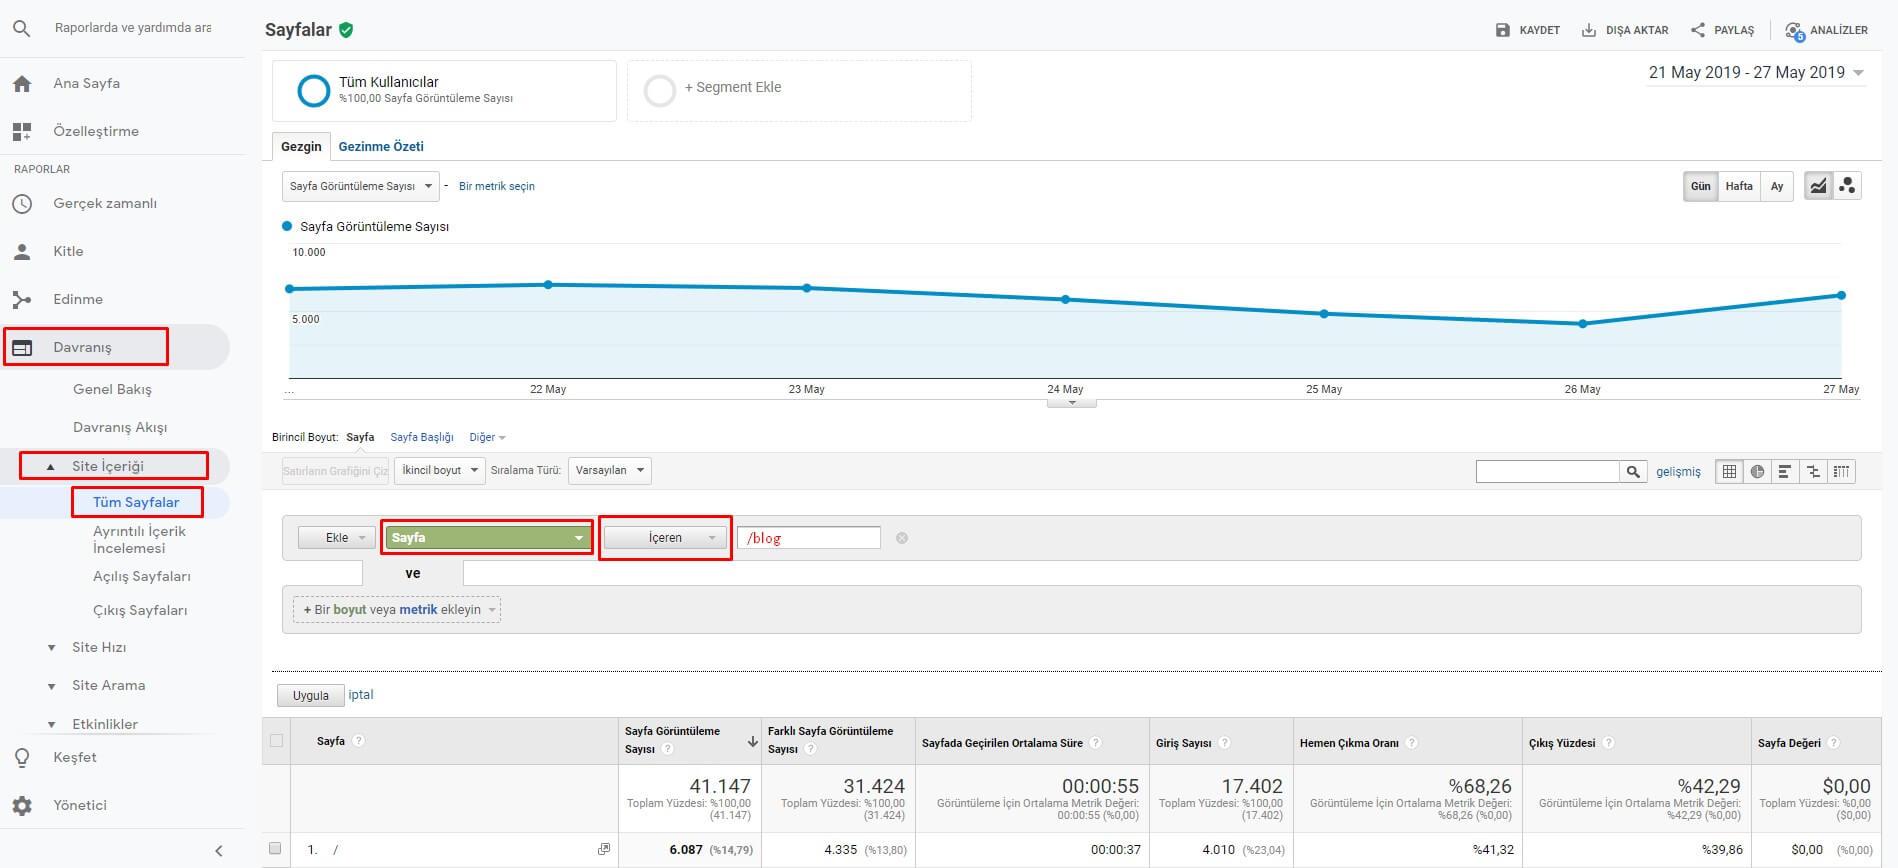 Ziyaretçilerinizi Memnun Etmek İçin Kullanabileceğiniz Google Analytics Metrikleri